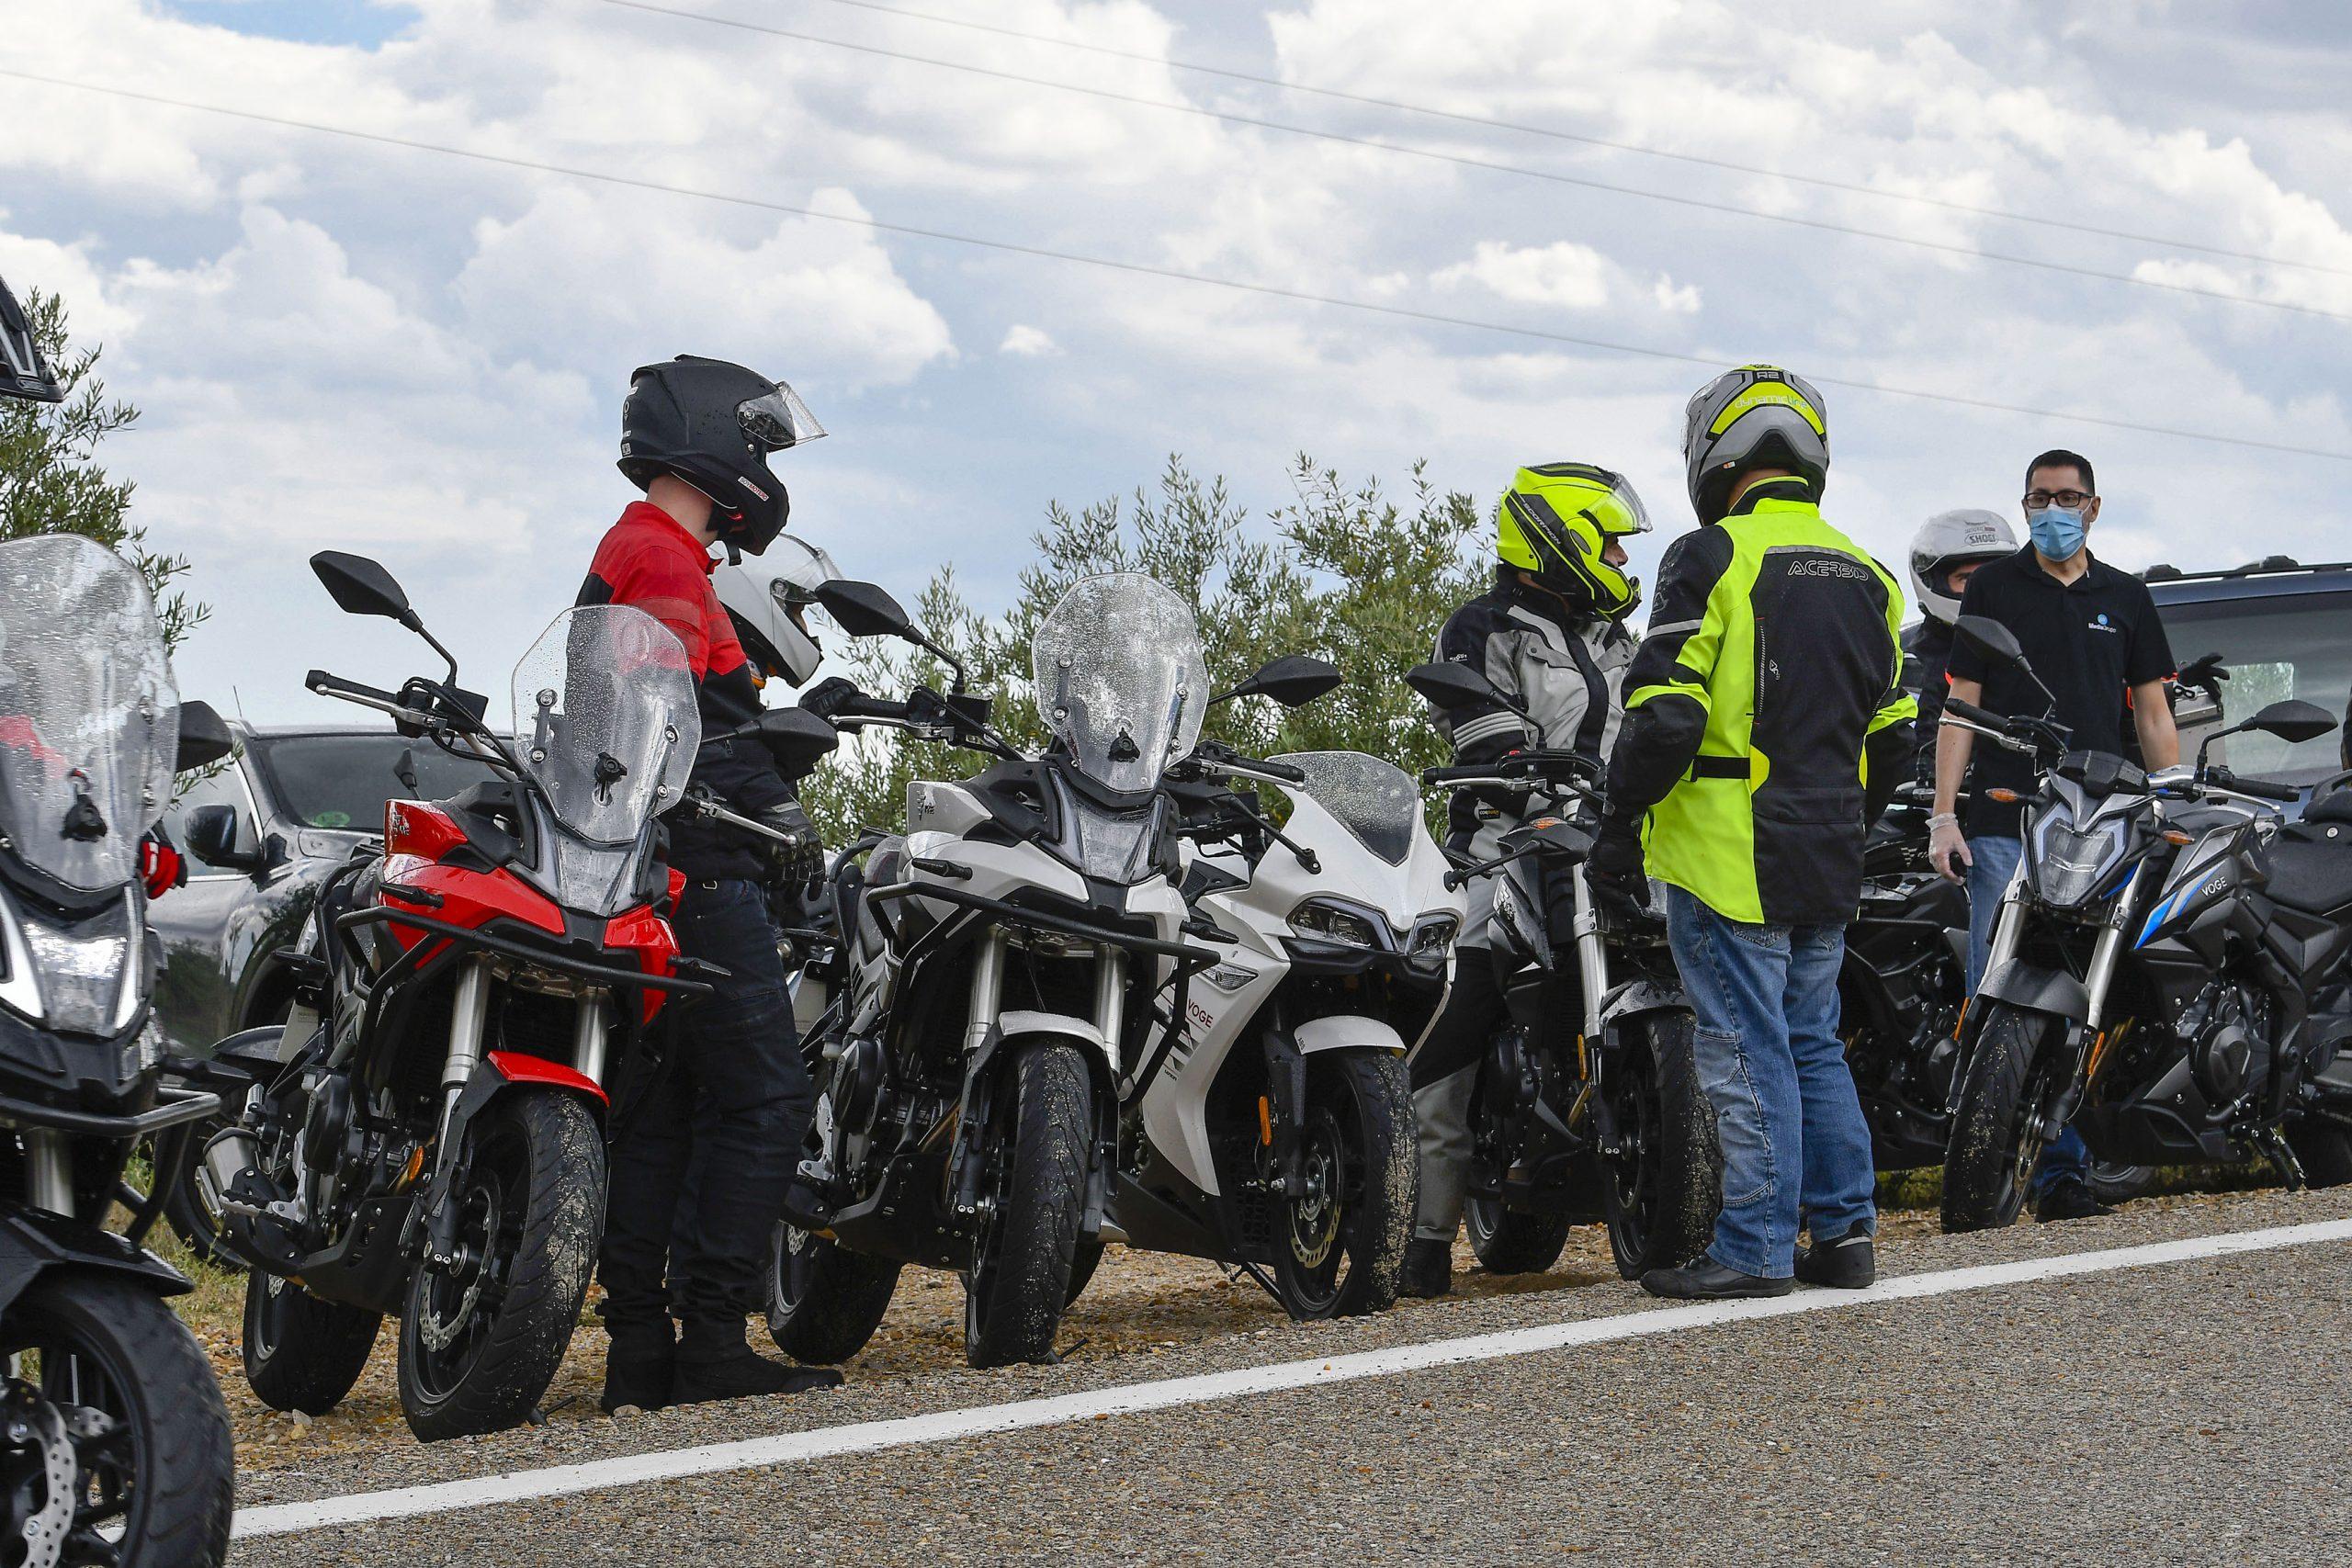 Varios motoristas parados en una presentación de motos